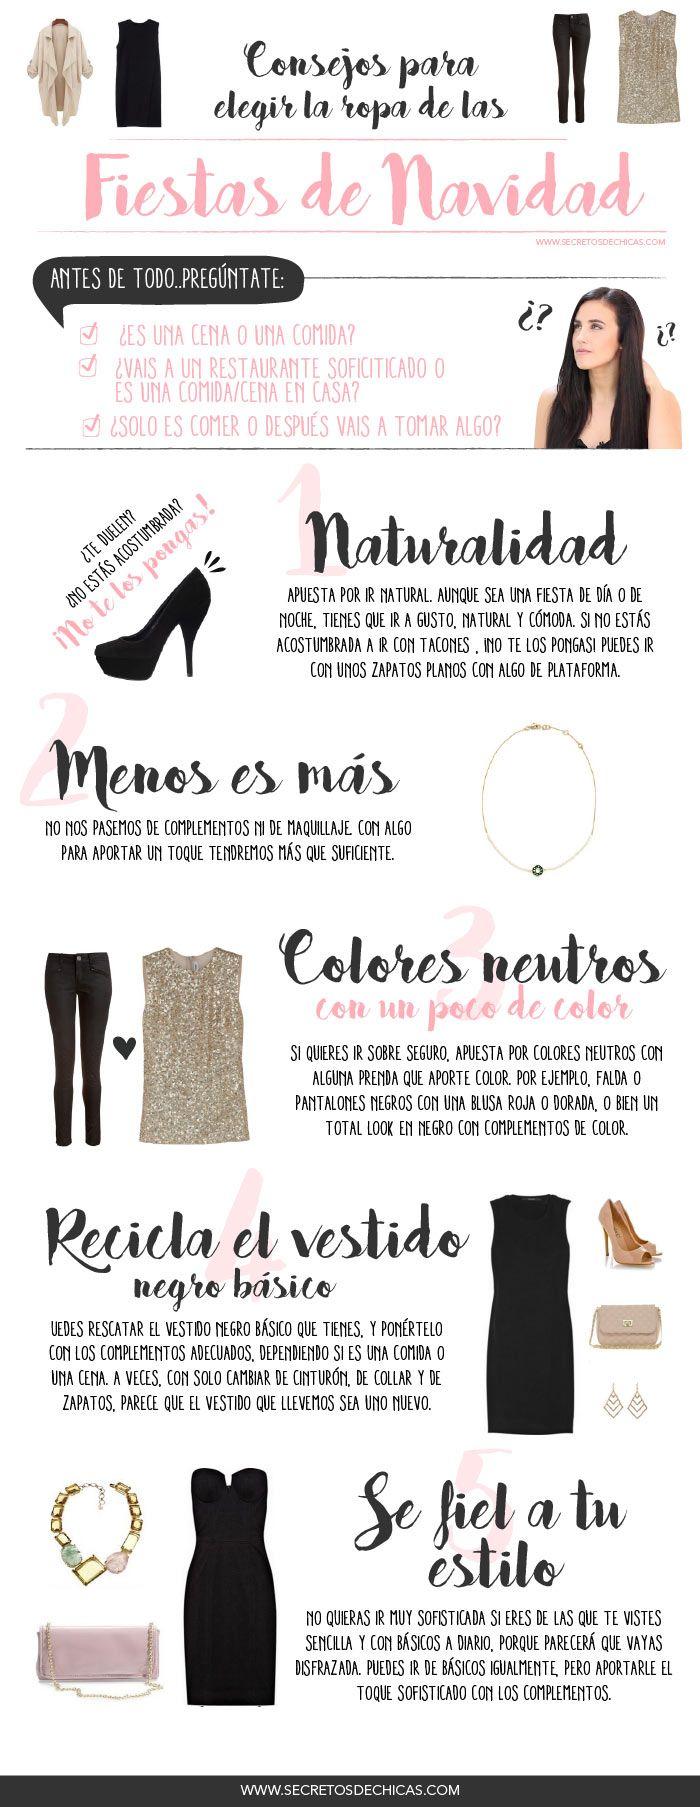 Consejos para elegir ropa en las fiestas de navidad